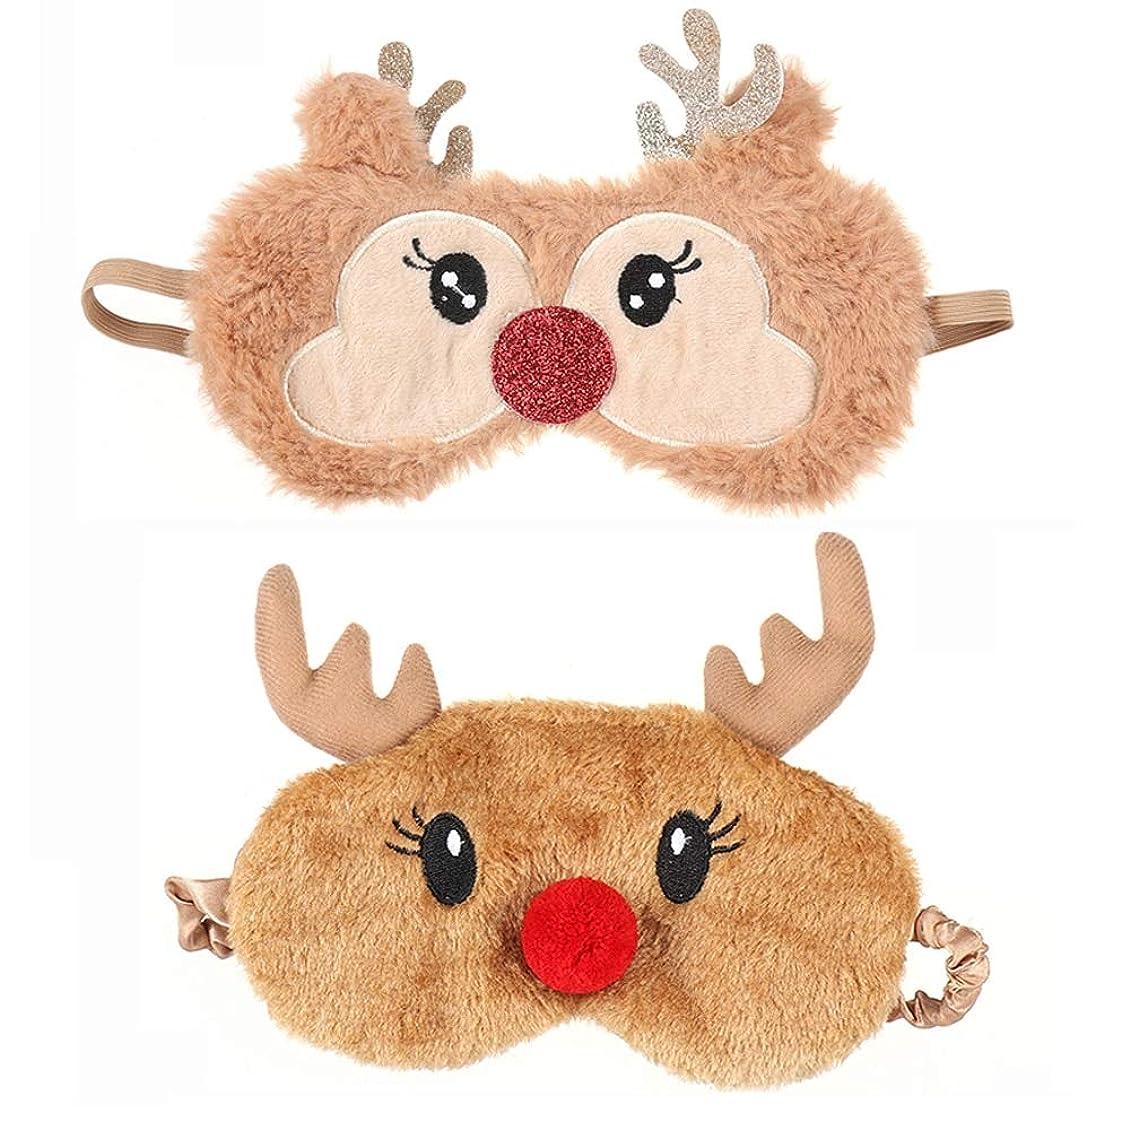 次へラテン彼らのものNOTE かわいいクリスマスプレゼント漫画鹿アイカバーぬいぐるみ布睡眠マスクナチュラル睡眠アイマスクアイシェードかわいいアイシェード